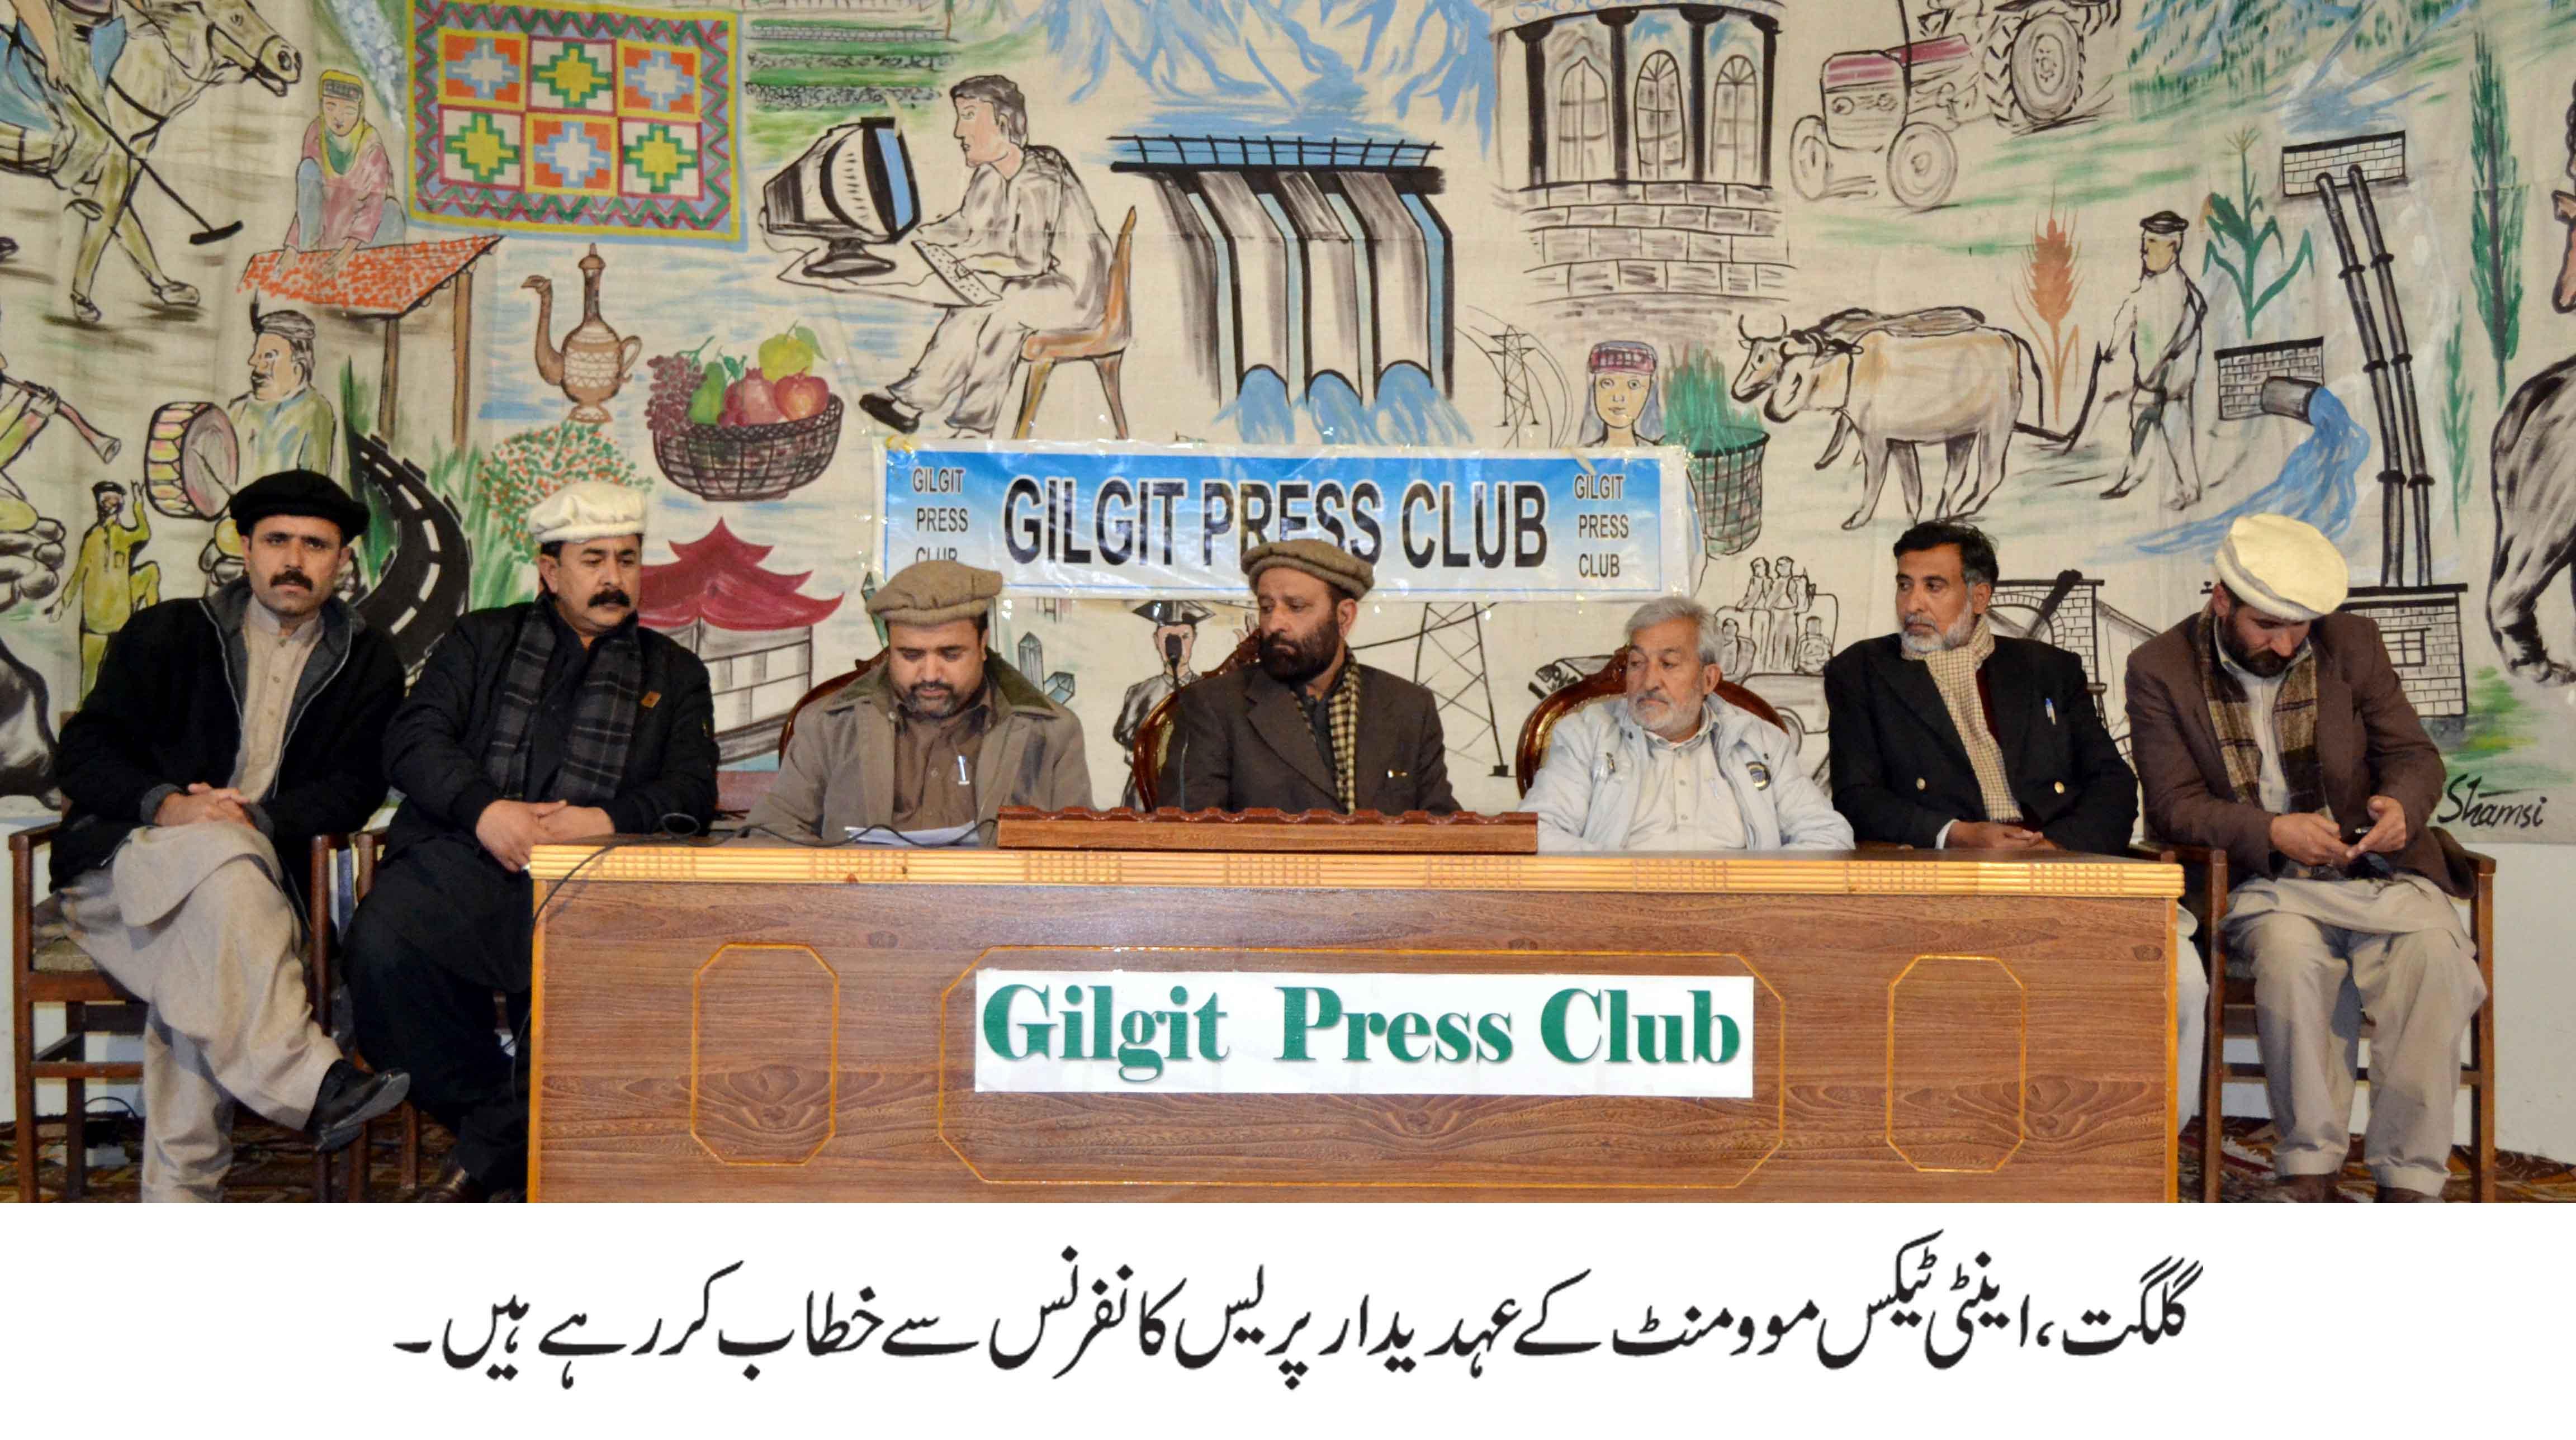 گلگت بلتستان کو محض نقشے کا حصہ نہیں، بلکہ ملک کا مکمل آئینی صوبہ بنانا چاہتے ہیں، اسلامی تحریک کے رہنماوں کی پریس کانفرنس